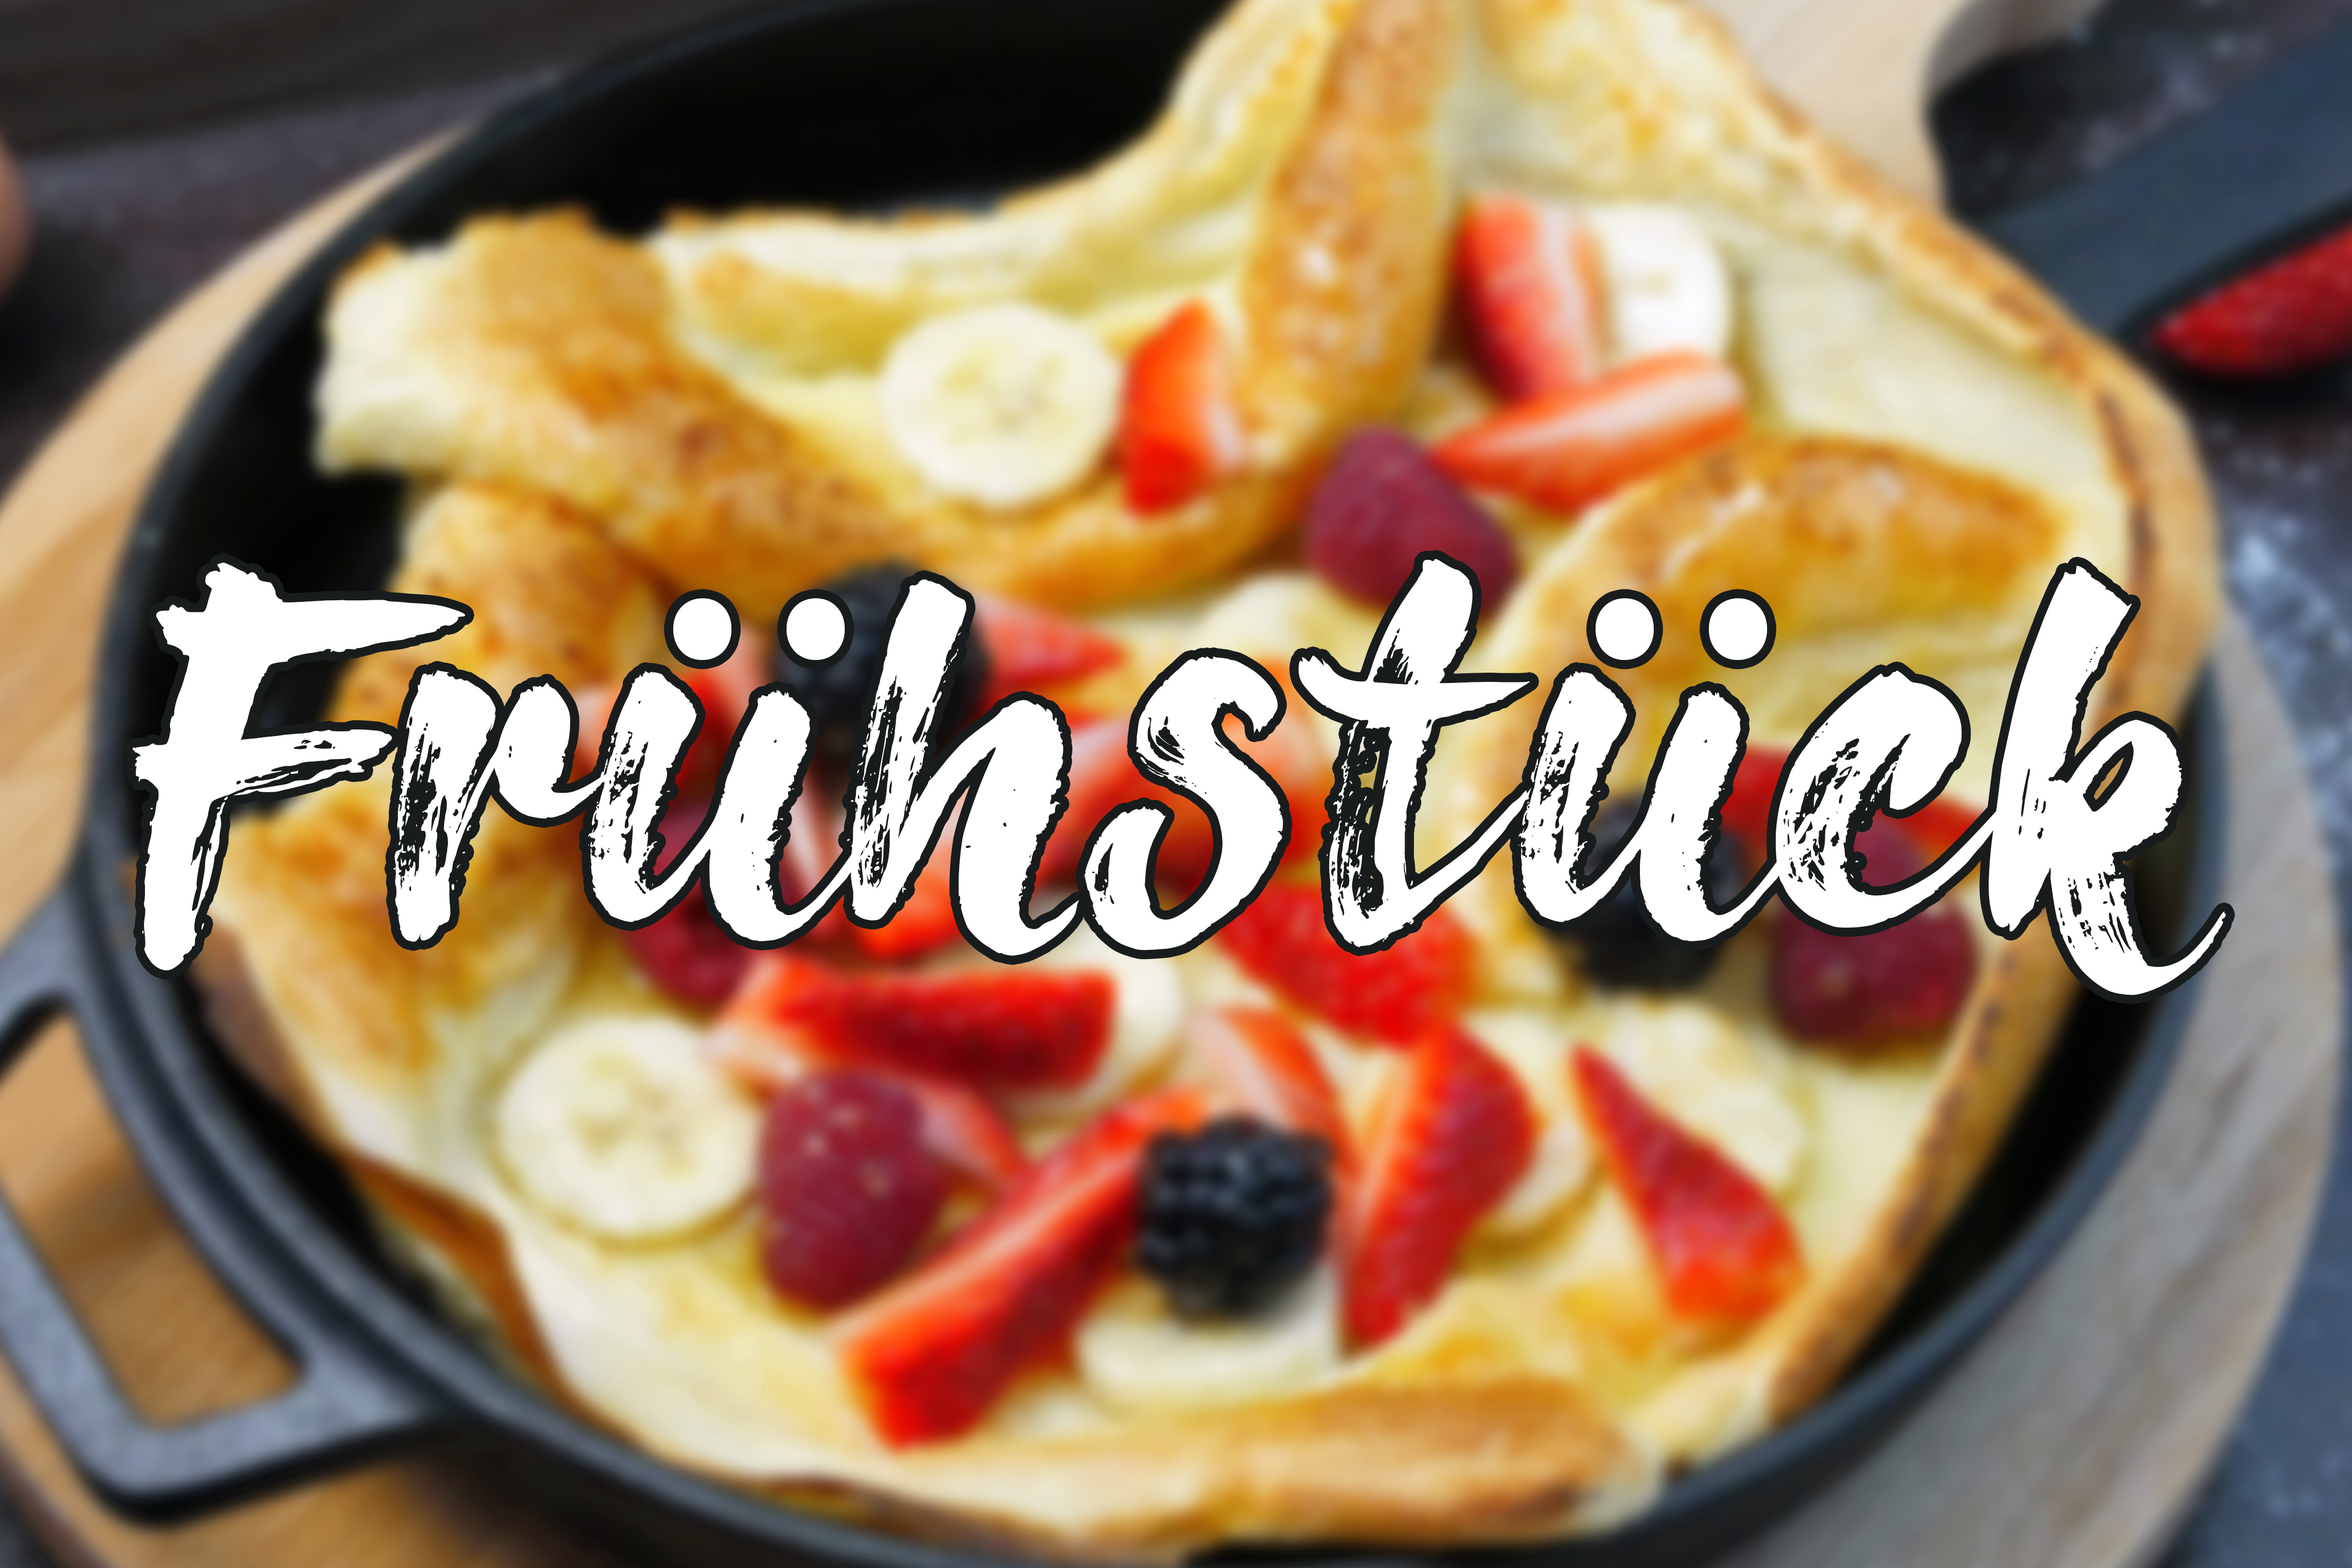 Frühstück, Frühstücksideen, einfach, lecker, selber machen, rezepte, rezeptideen